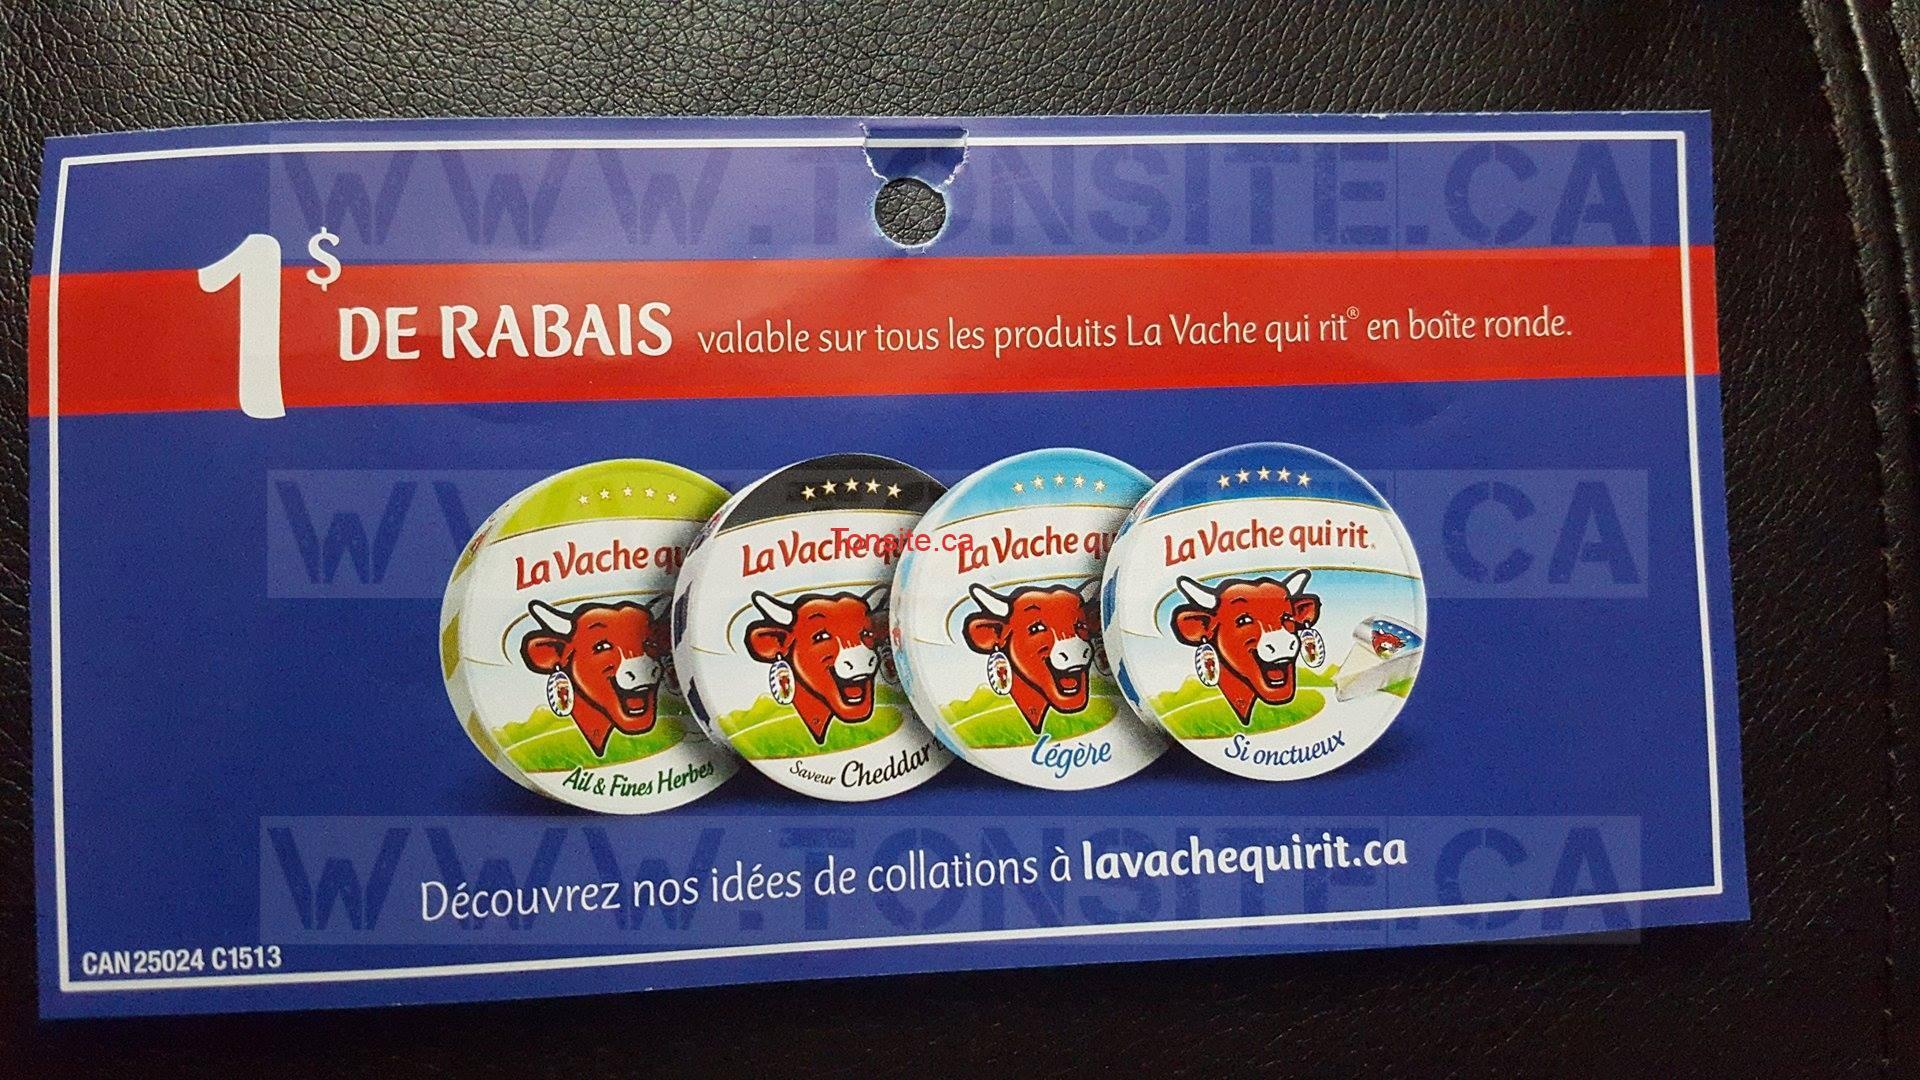 lavache qui rit coupon - Boîte ronde La Vache Qui Rit (8 portions) à 1$ seulement